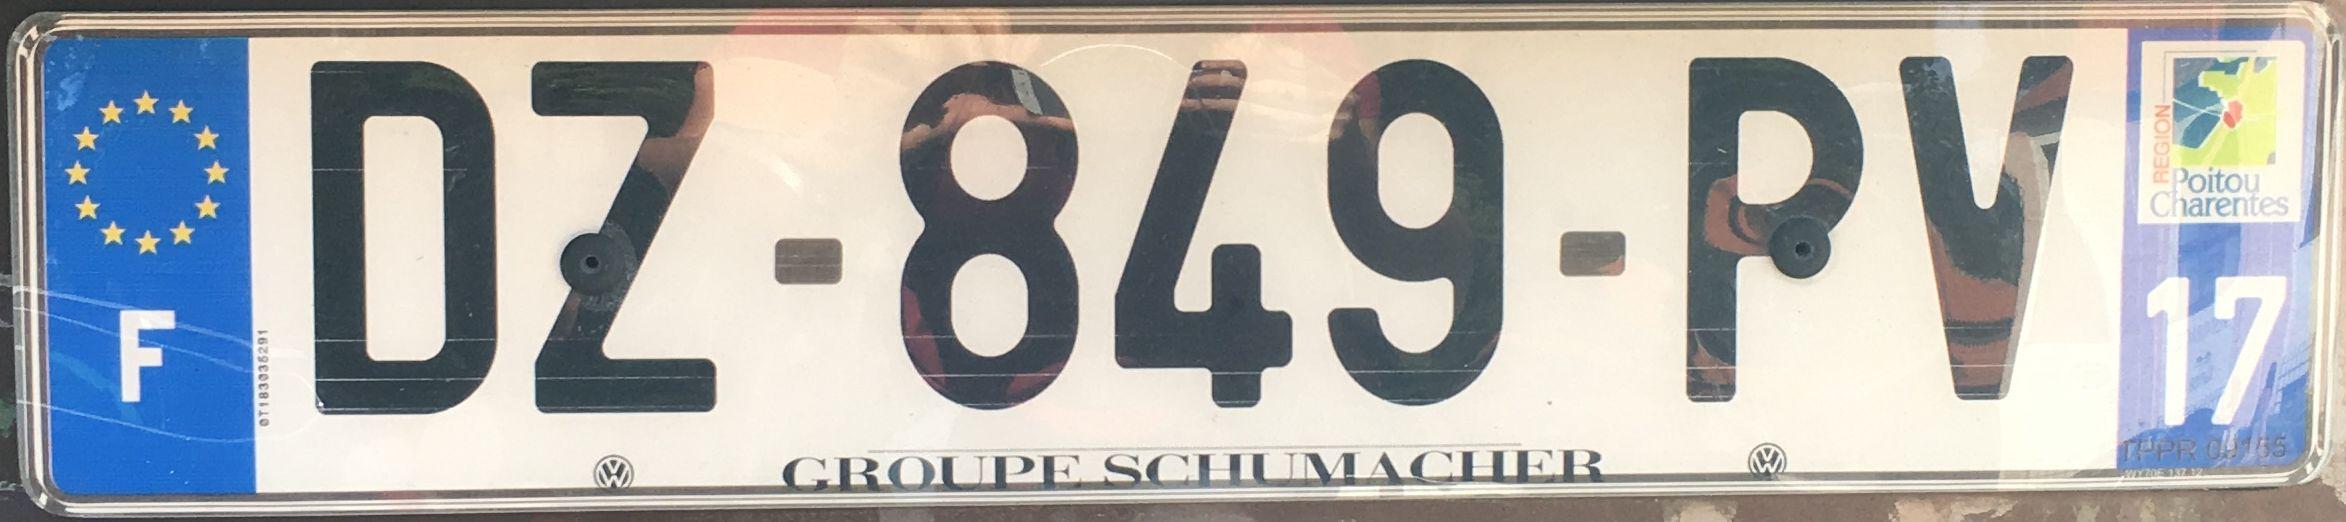 Francouzská registrační značka – 17 – Charente-Maritime, foto: www.podalnici.cz